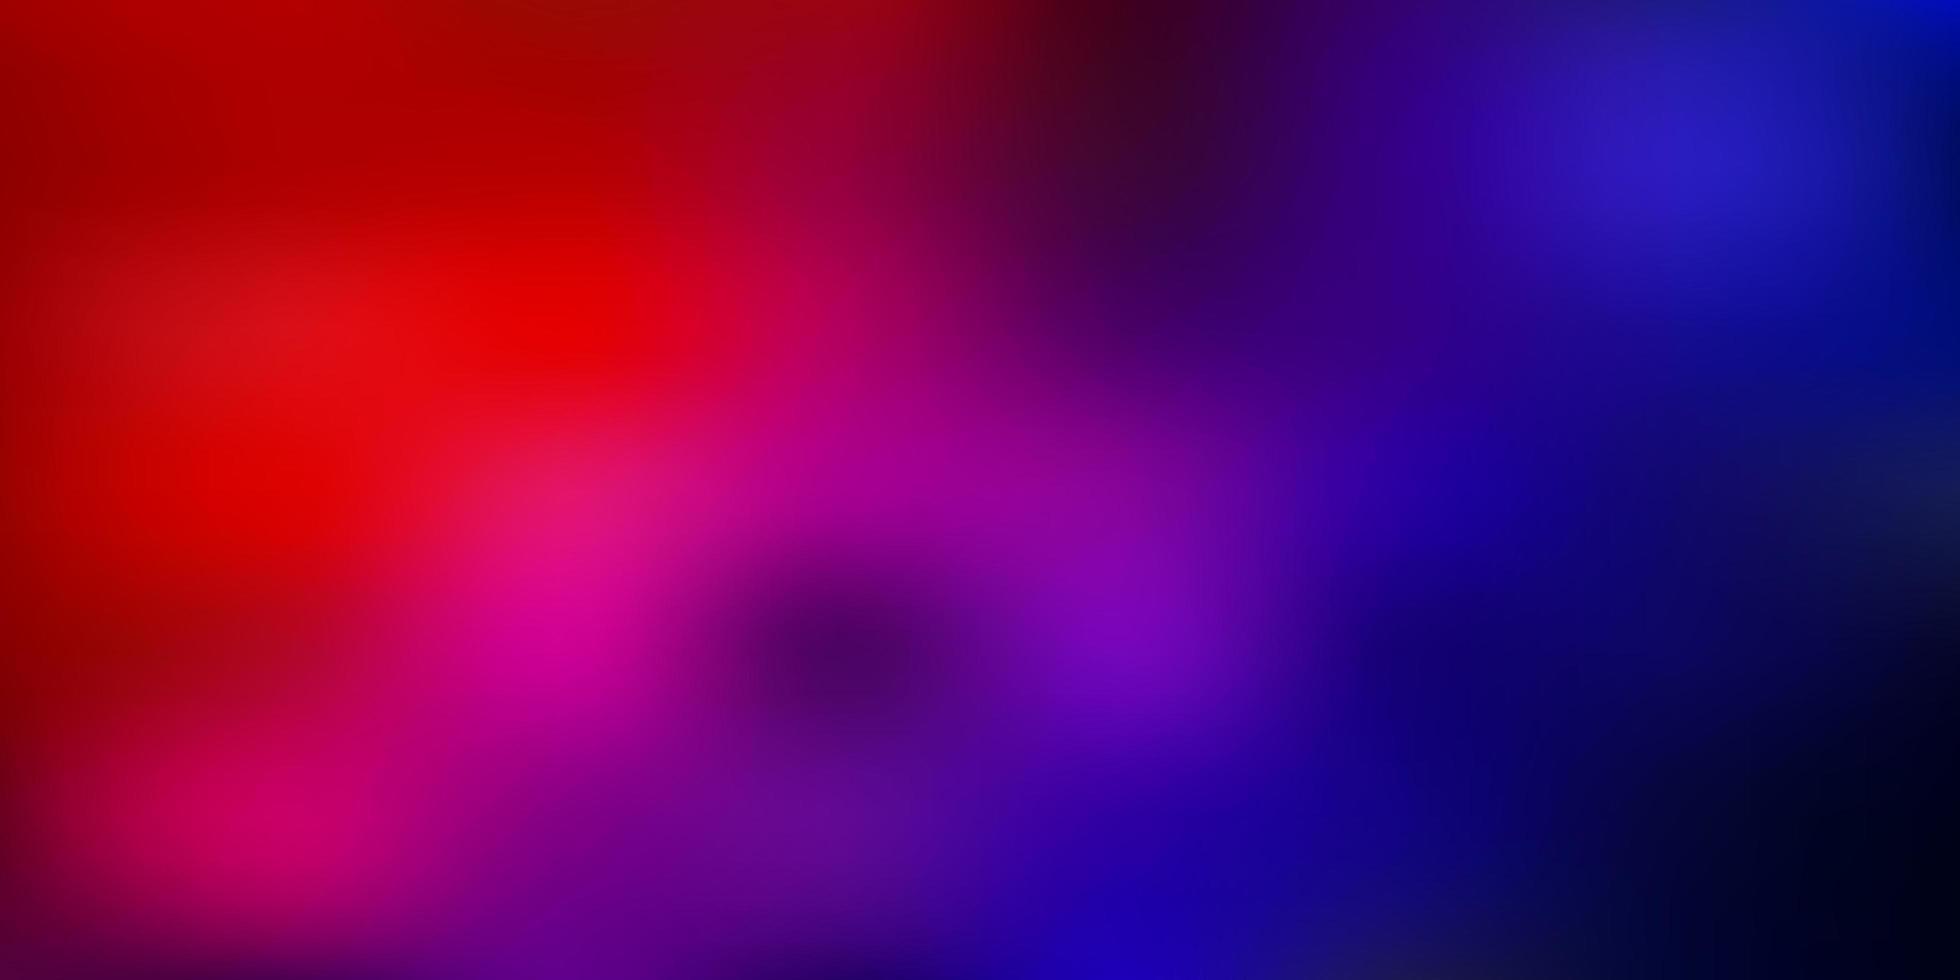 sfondo sfocato vettoriale azzurro, rosso